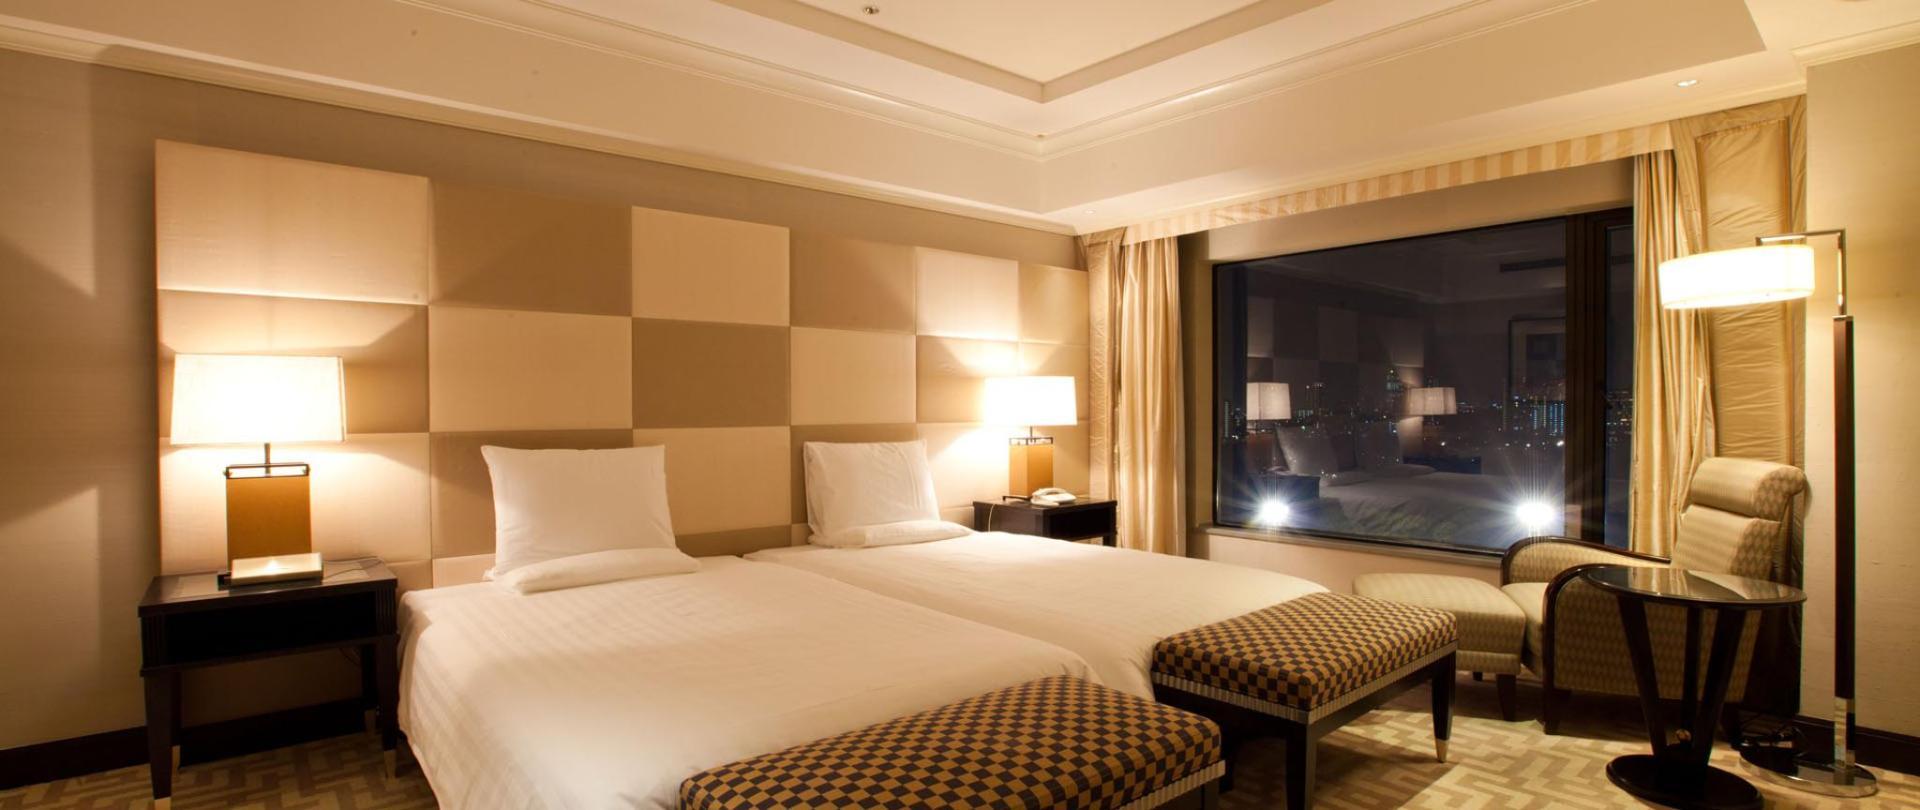 room image_superior suite_007.jpg